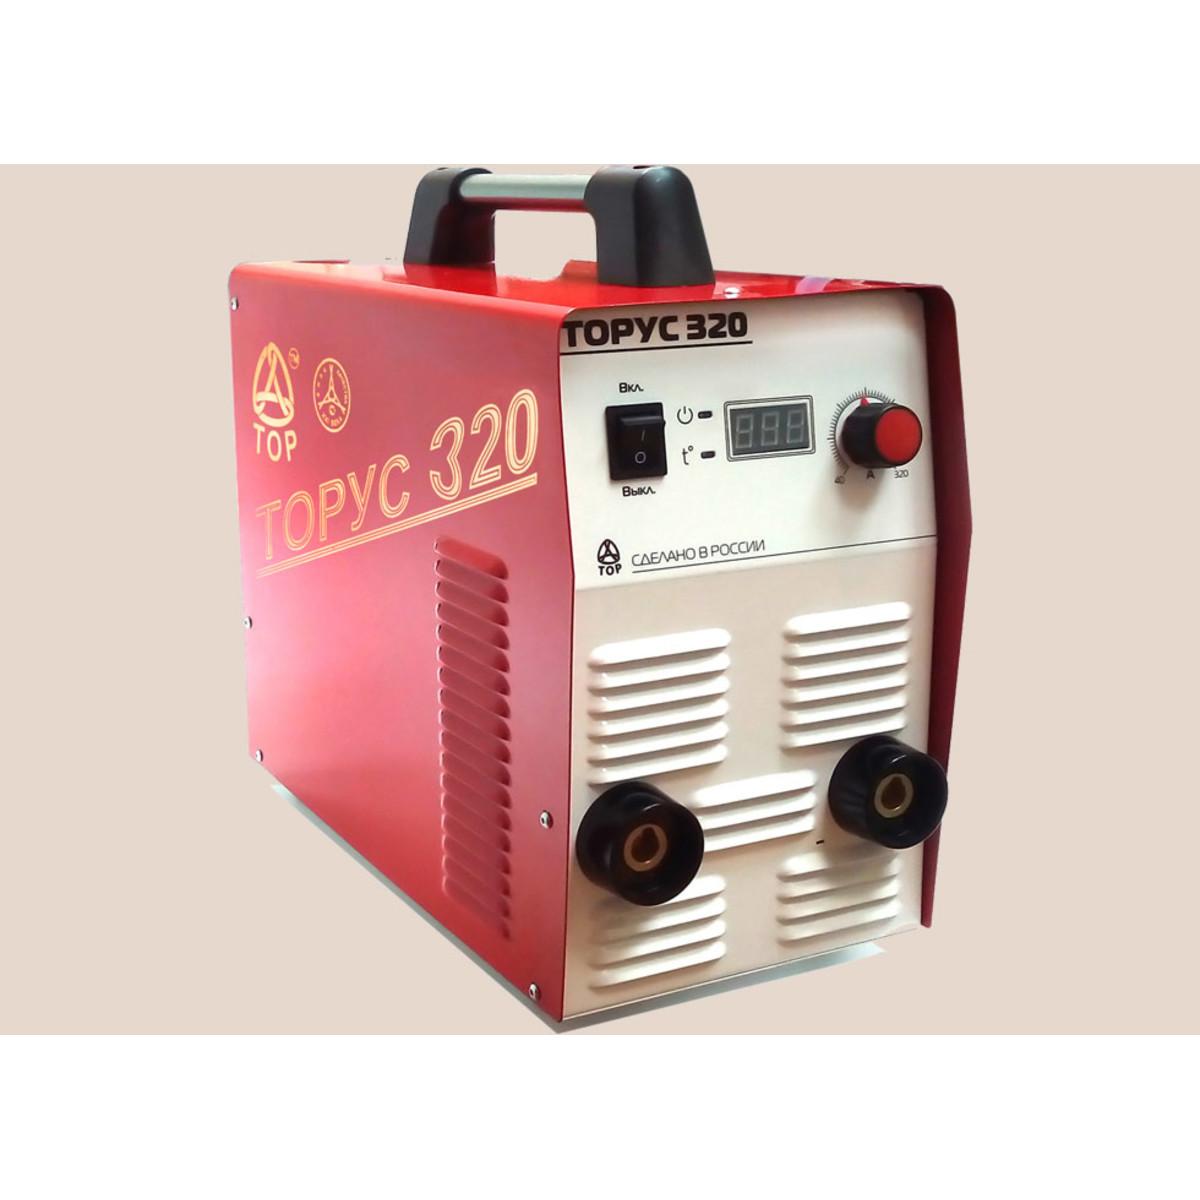 Дуговой Сварочный Инвертор Торус 320 + Комплект Проводов 95566037